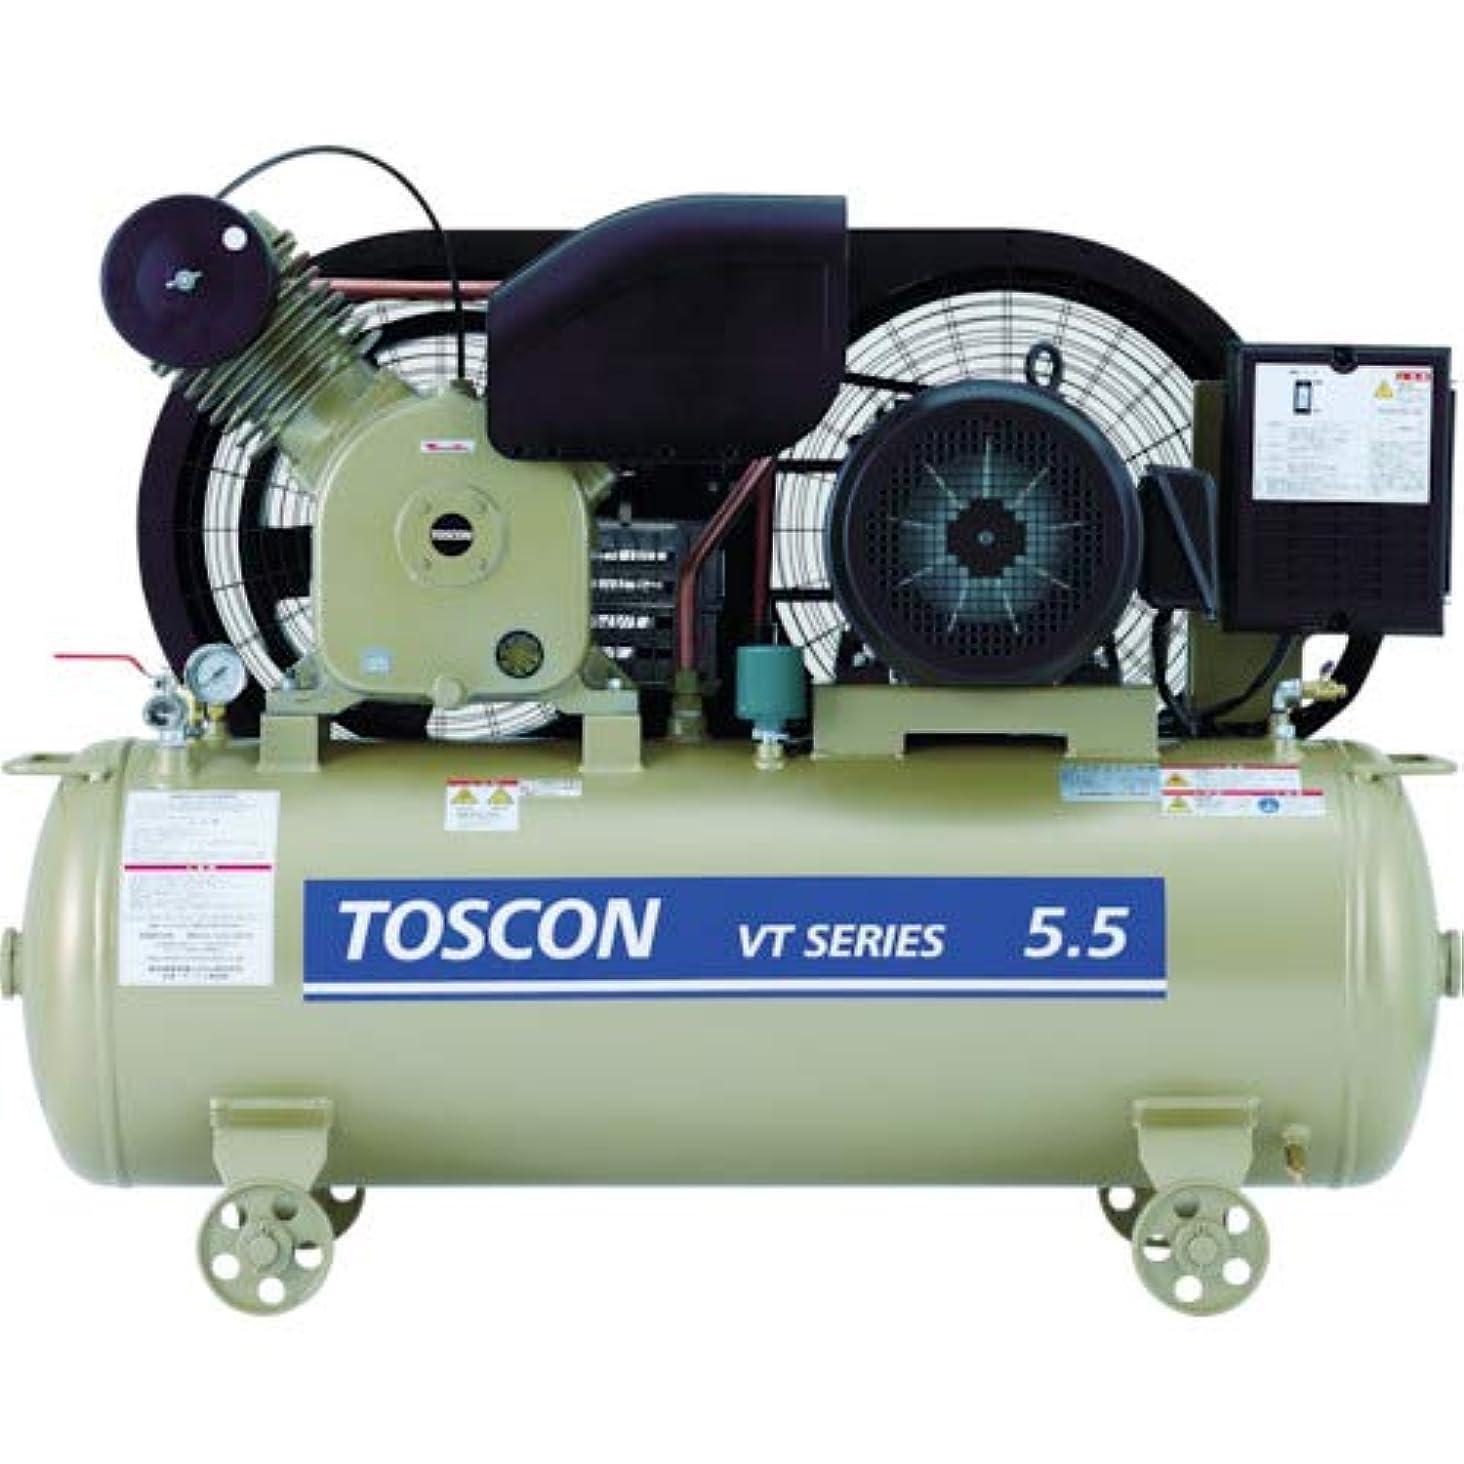 スチュワードショートカット味わう東芝 タンクマウントシリーズ 給油式 コンプレッサ 低圧 VT105-22T